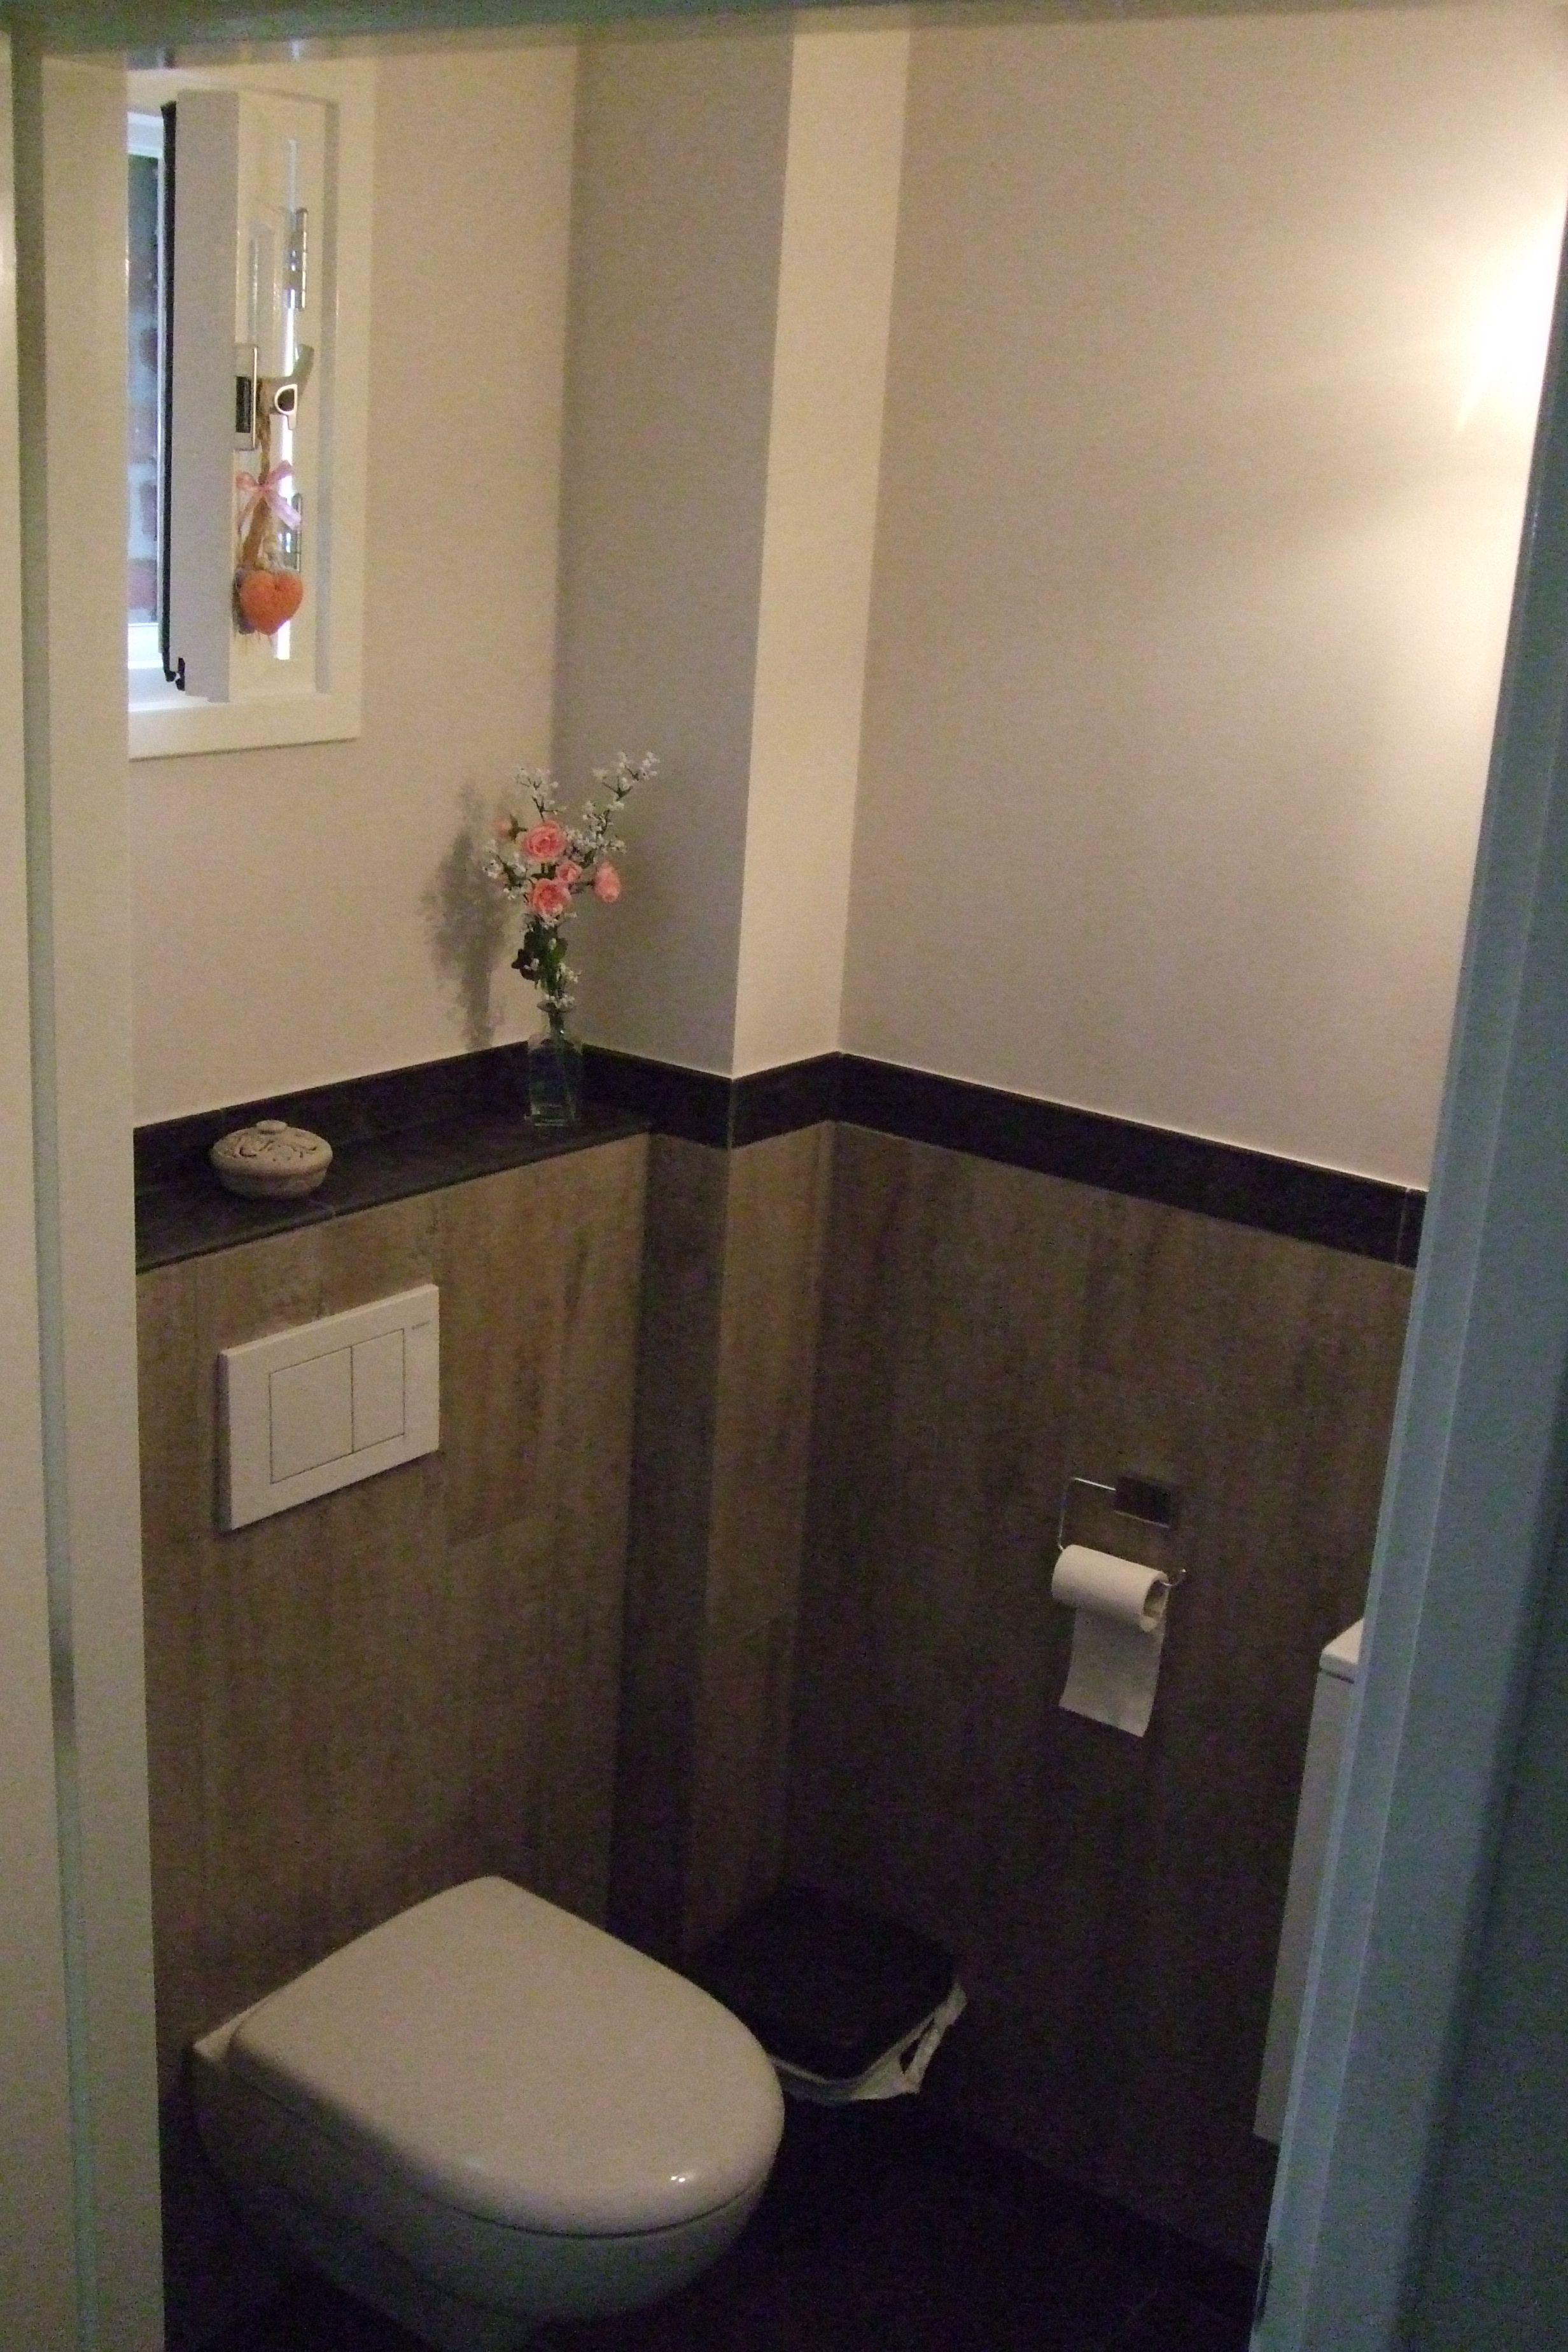 Badkamers en wc witlox bouwbedrijf - Tegels voor wc foto ...